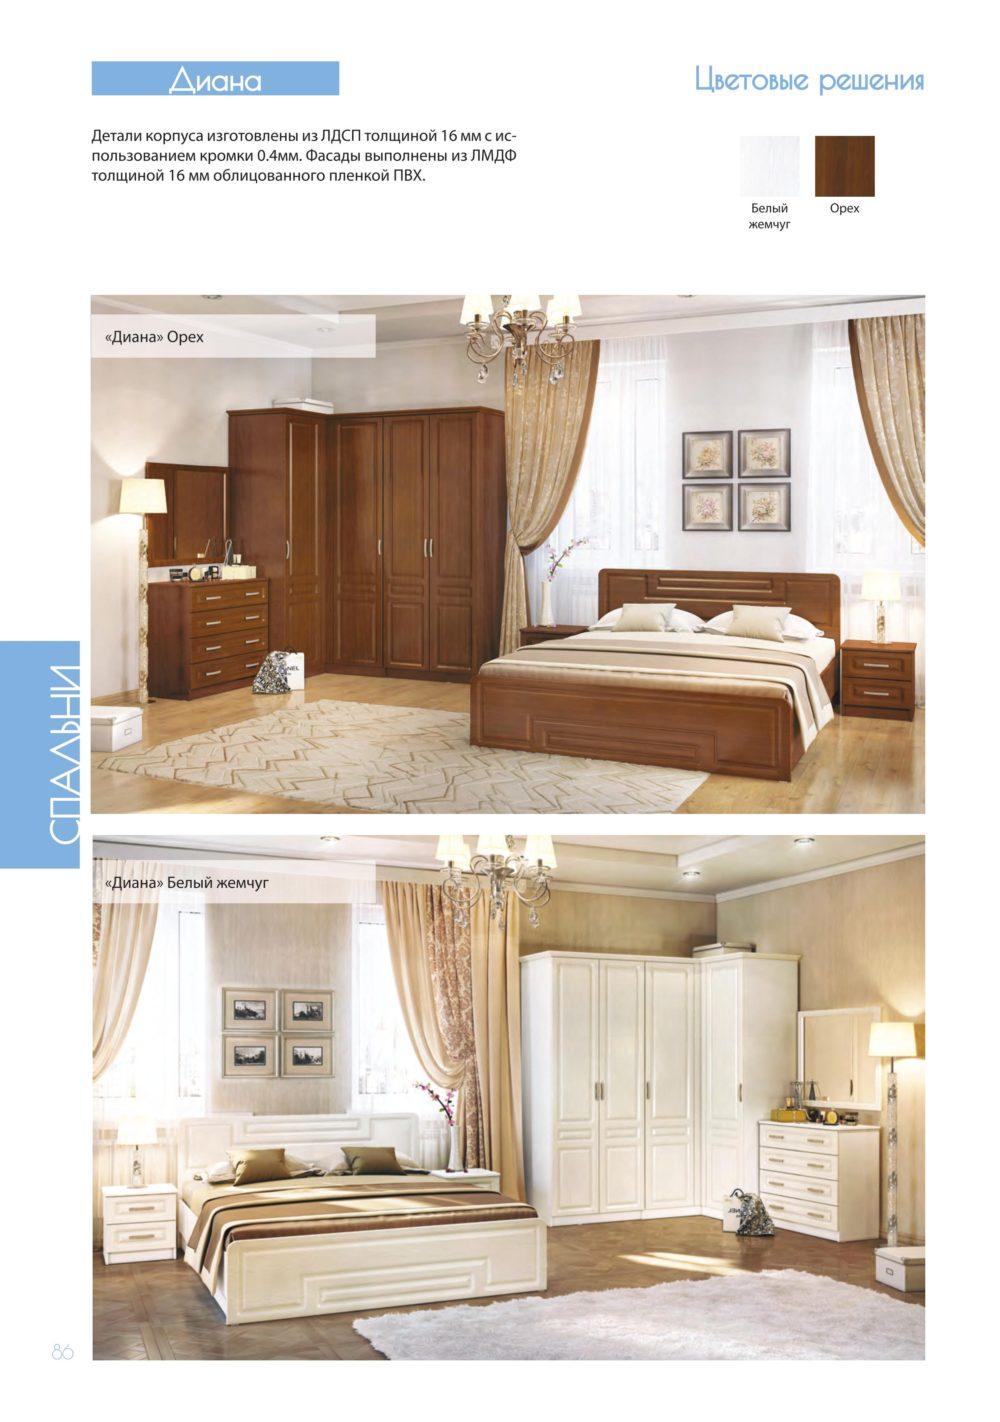 КУПИТЬ модульную спальню Диана